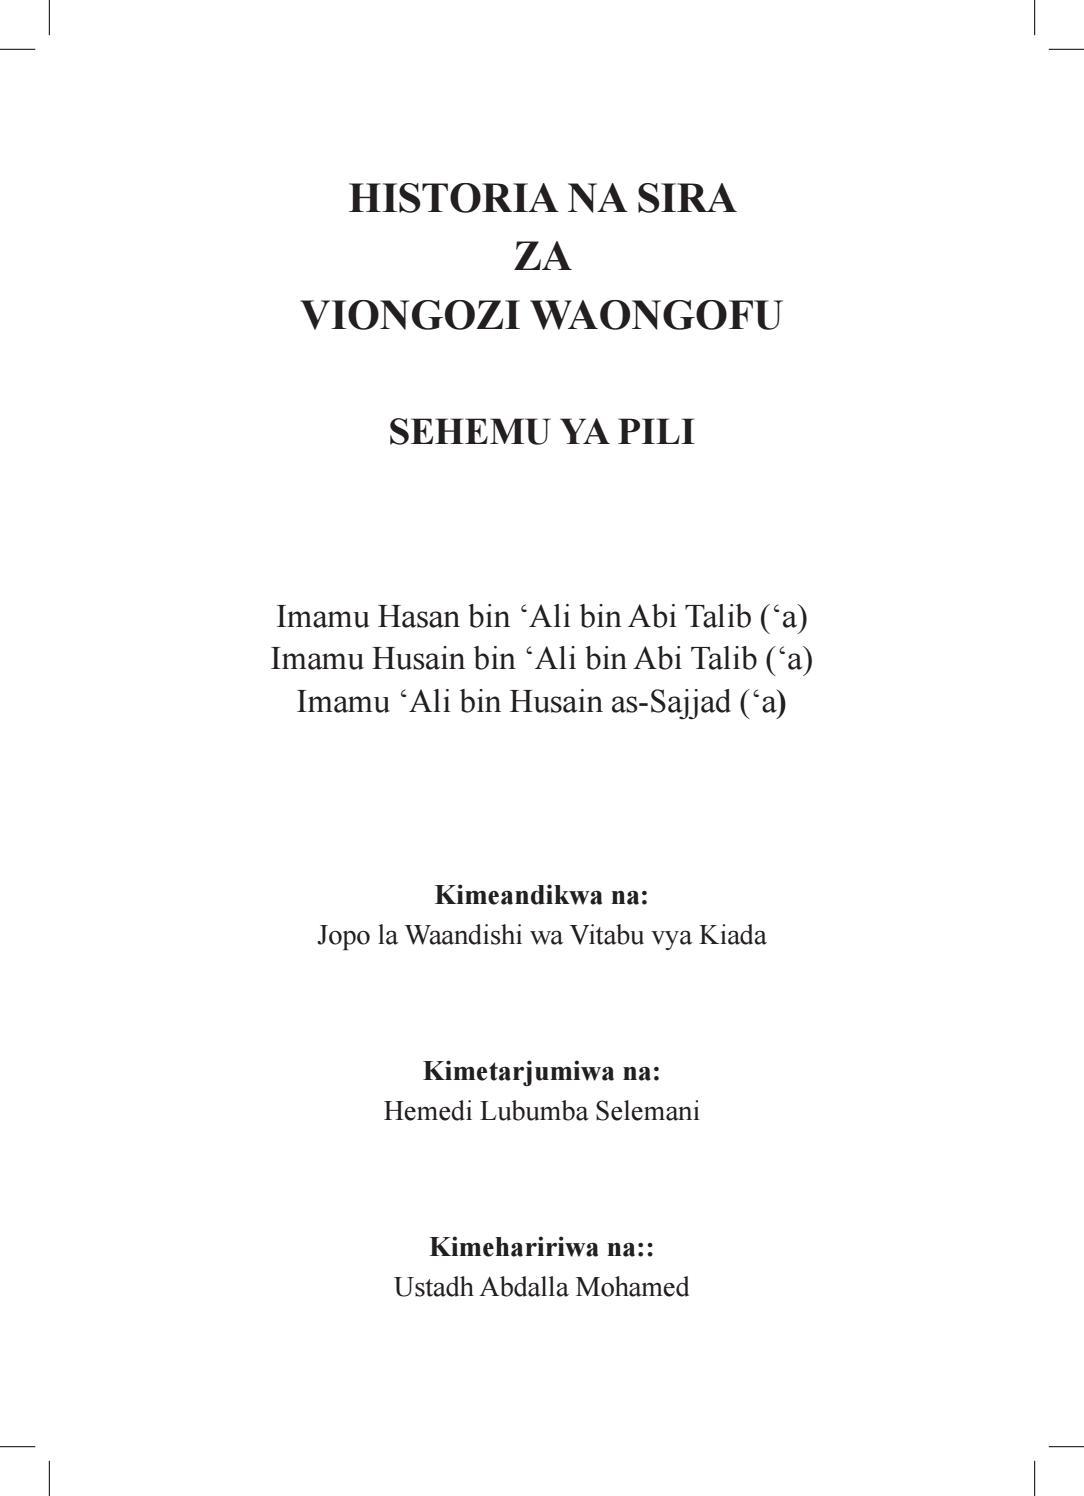 Historia na sira za viongozi waongofu sehemu ya pili by